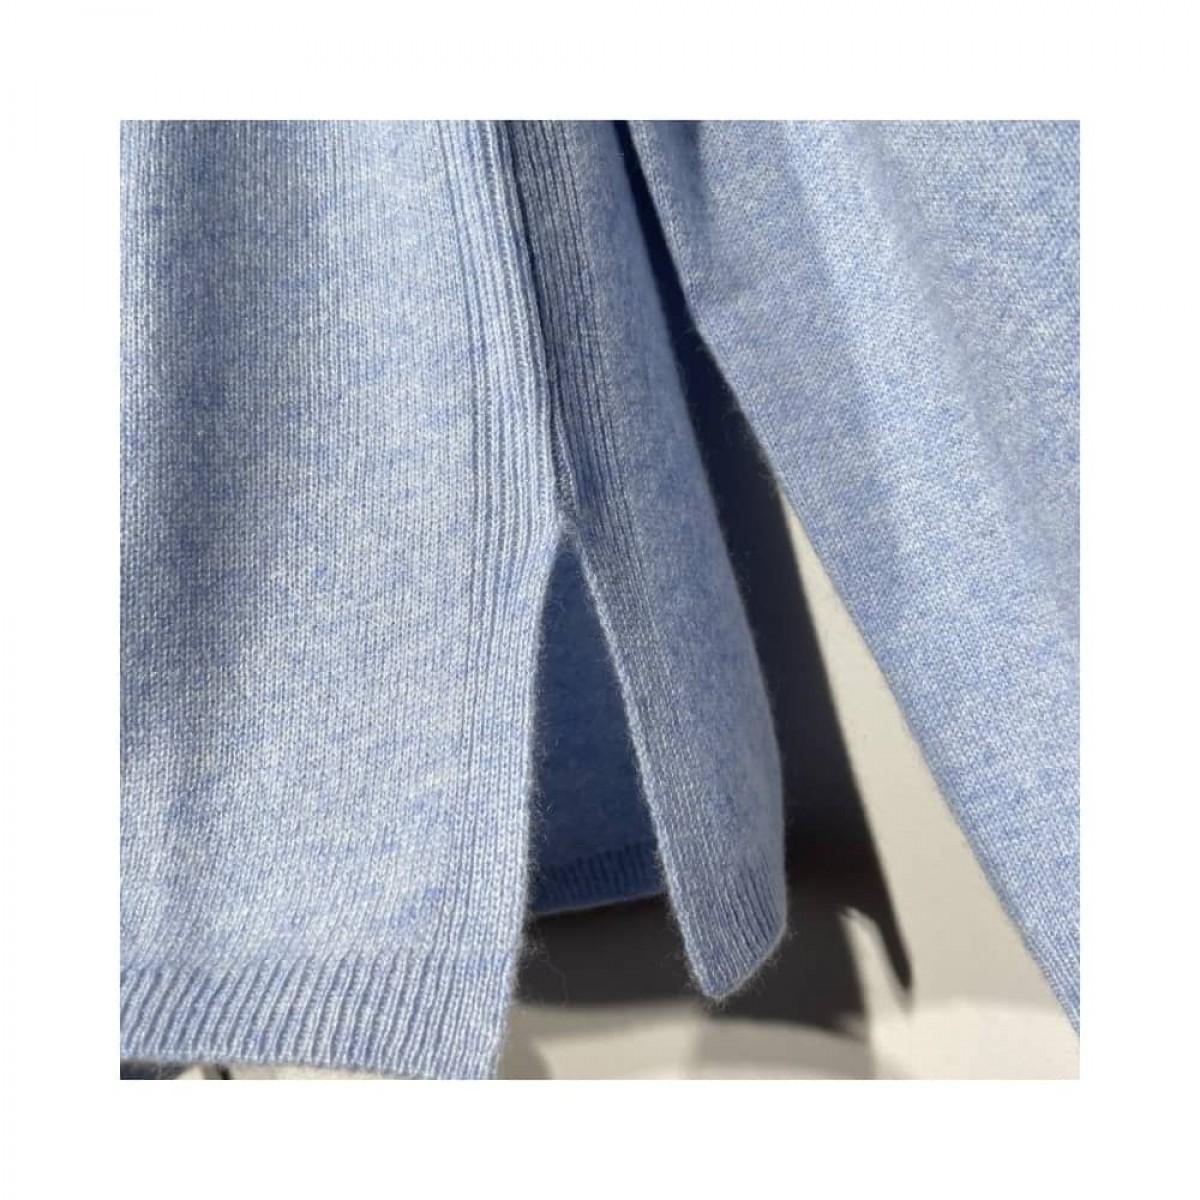 becka strik - light blue melange - slids i bund